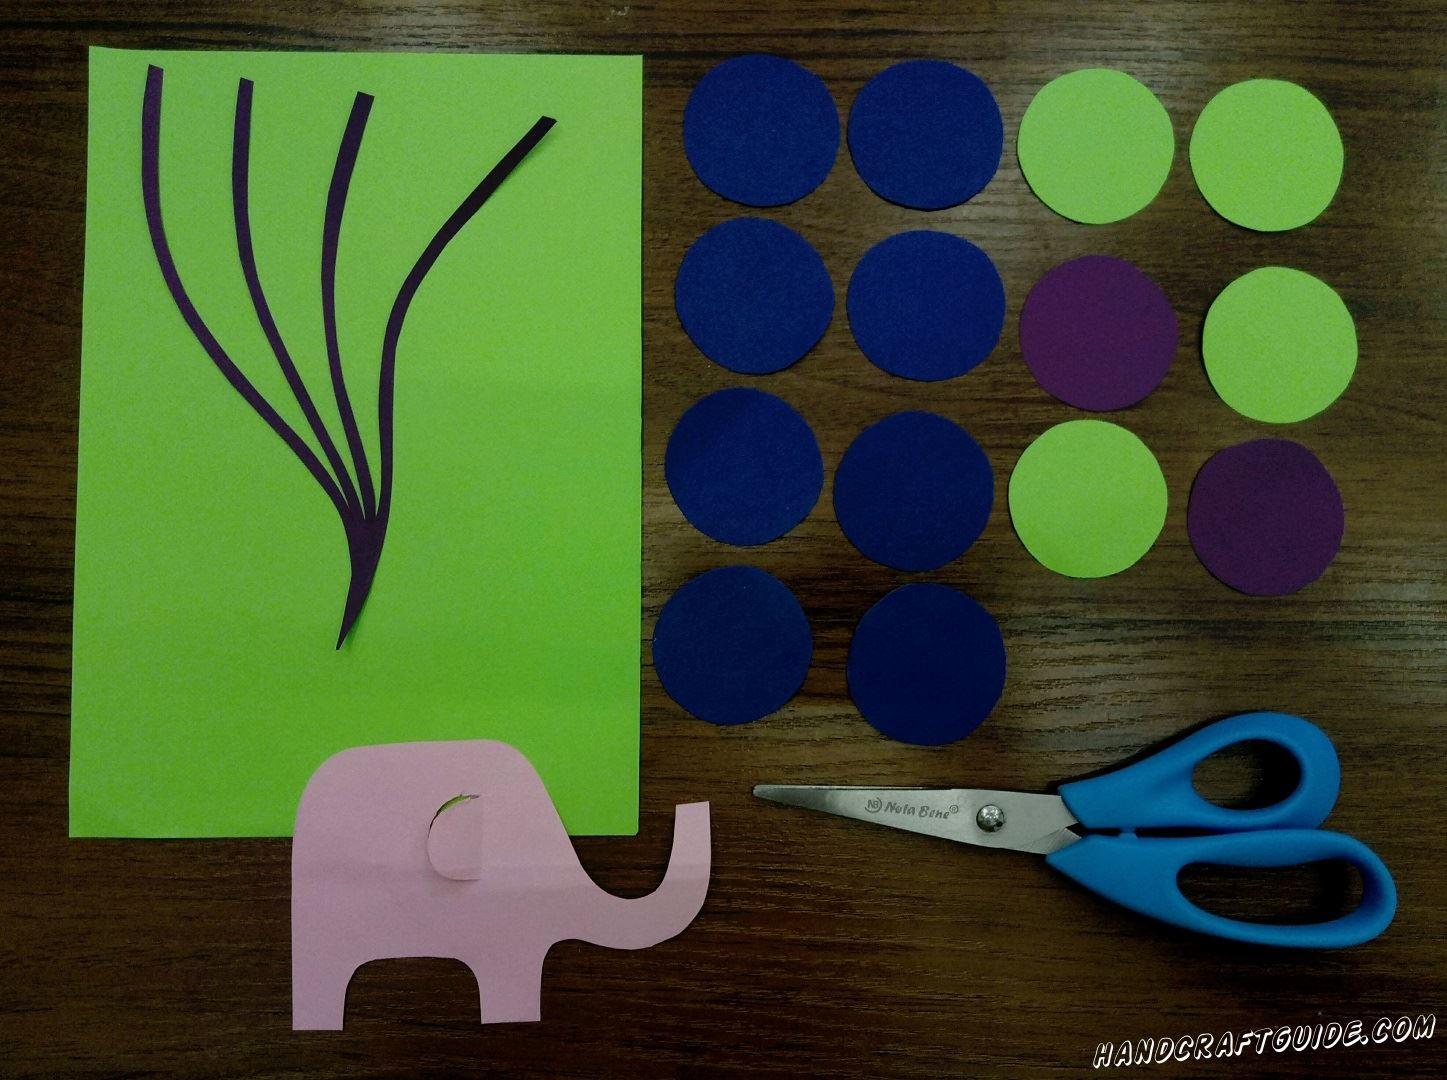 Для начала нужно вырезать все необходимые нам детальки. Берем синюю бумагу и вырезаем 8 одинаковых кружков. Такого же размера вырезаем 4 салатовых 2 фиолетовых кружка. Далее, из фиолетовой бумаги, вырезаем 4 волнистые тоненькие полосочки с одним общим концом. Ну и последняя фигурка розового цвета в форме небольшого слоника. Переходим к шагу №2